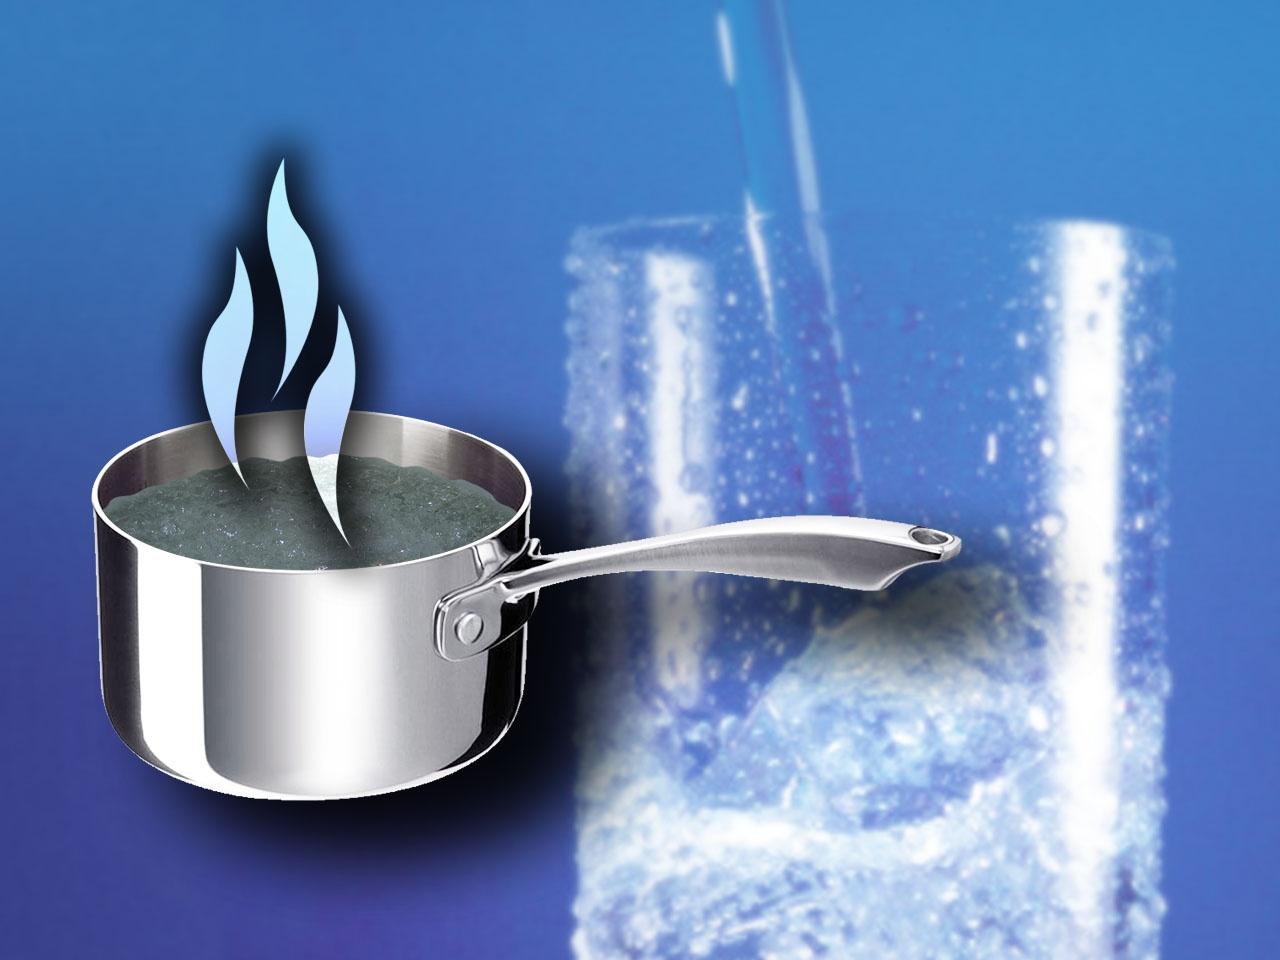 boil water_1501724187980.jpg